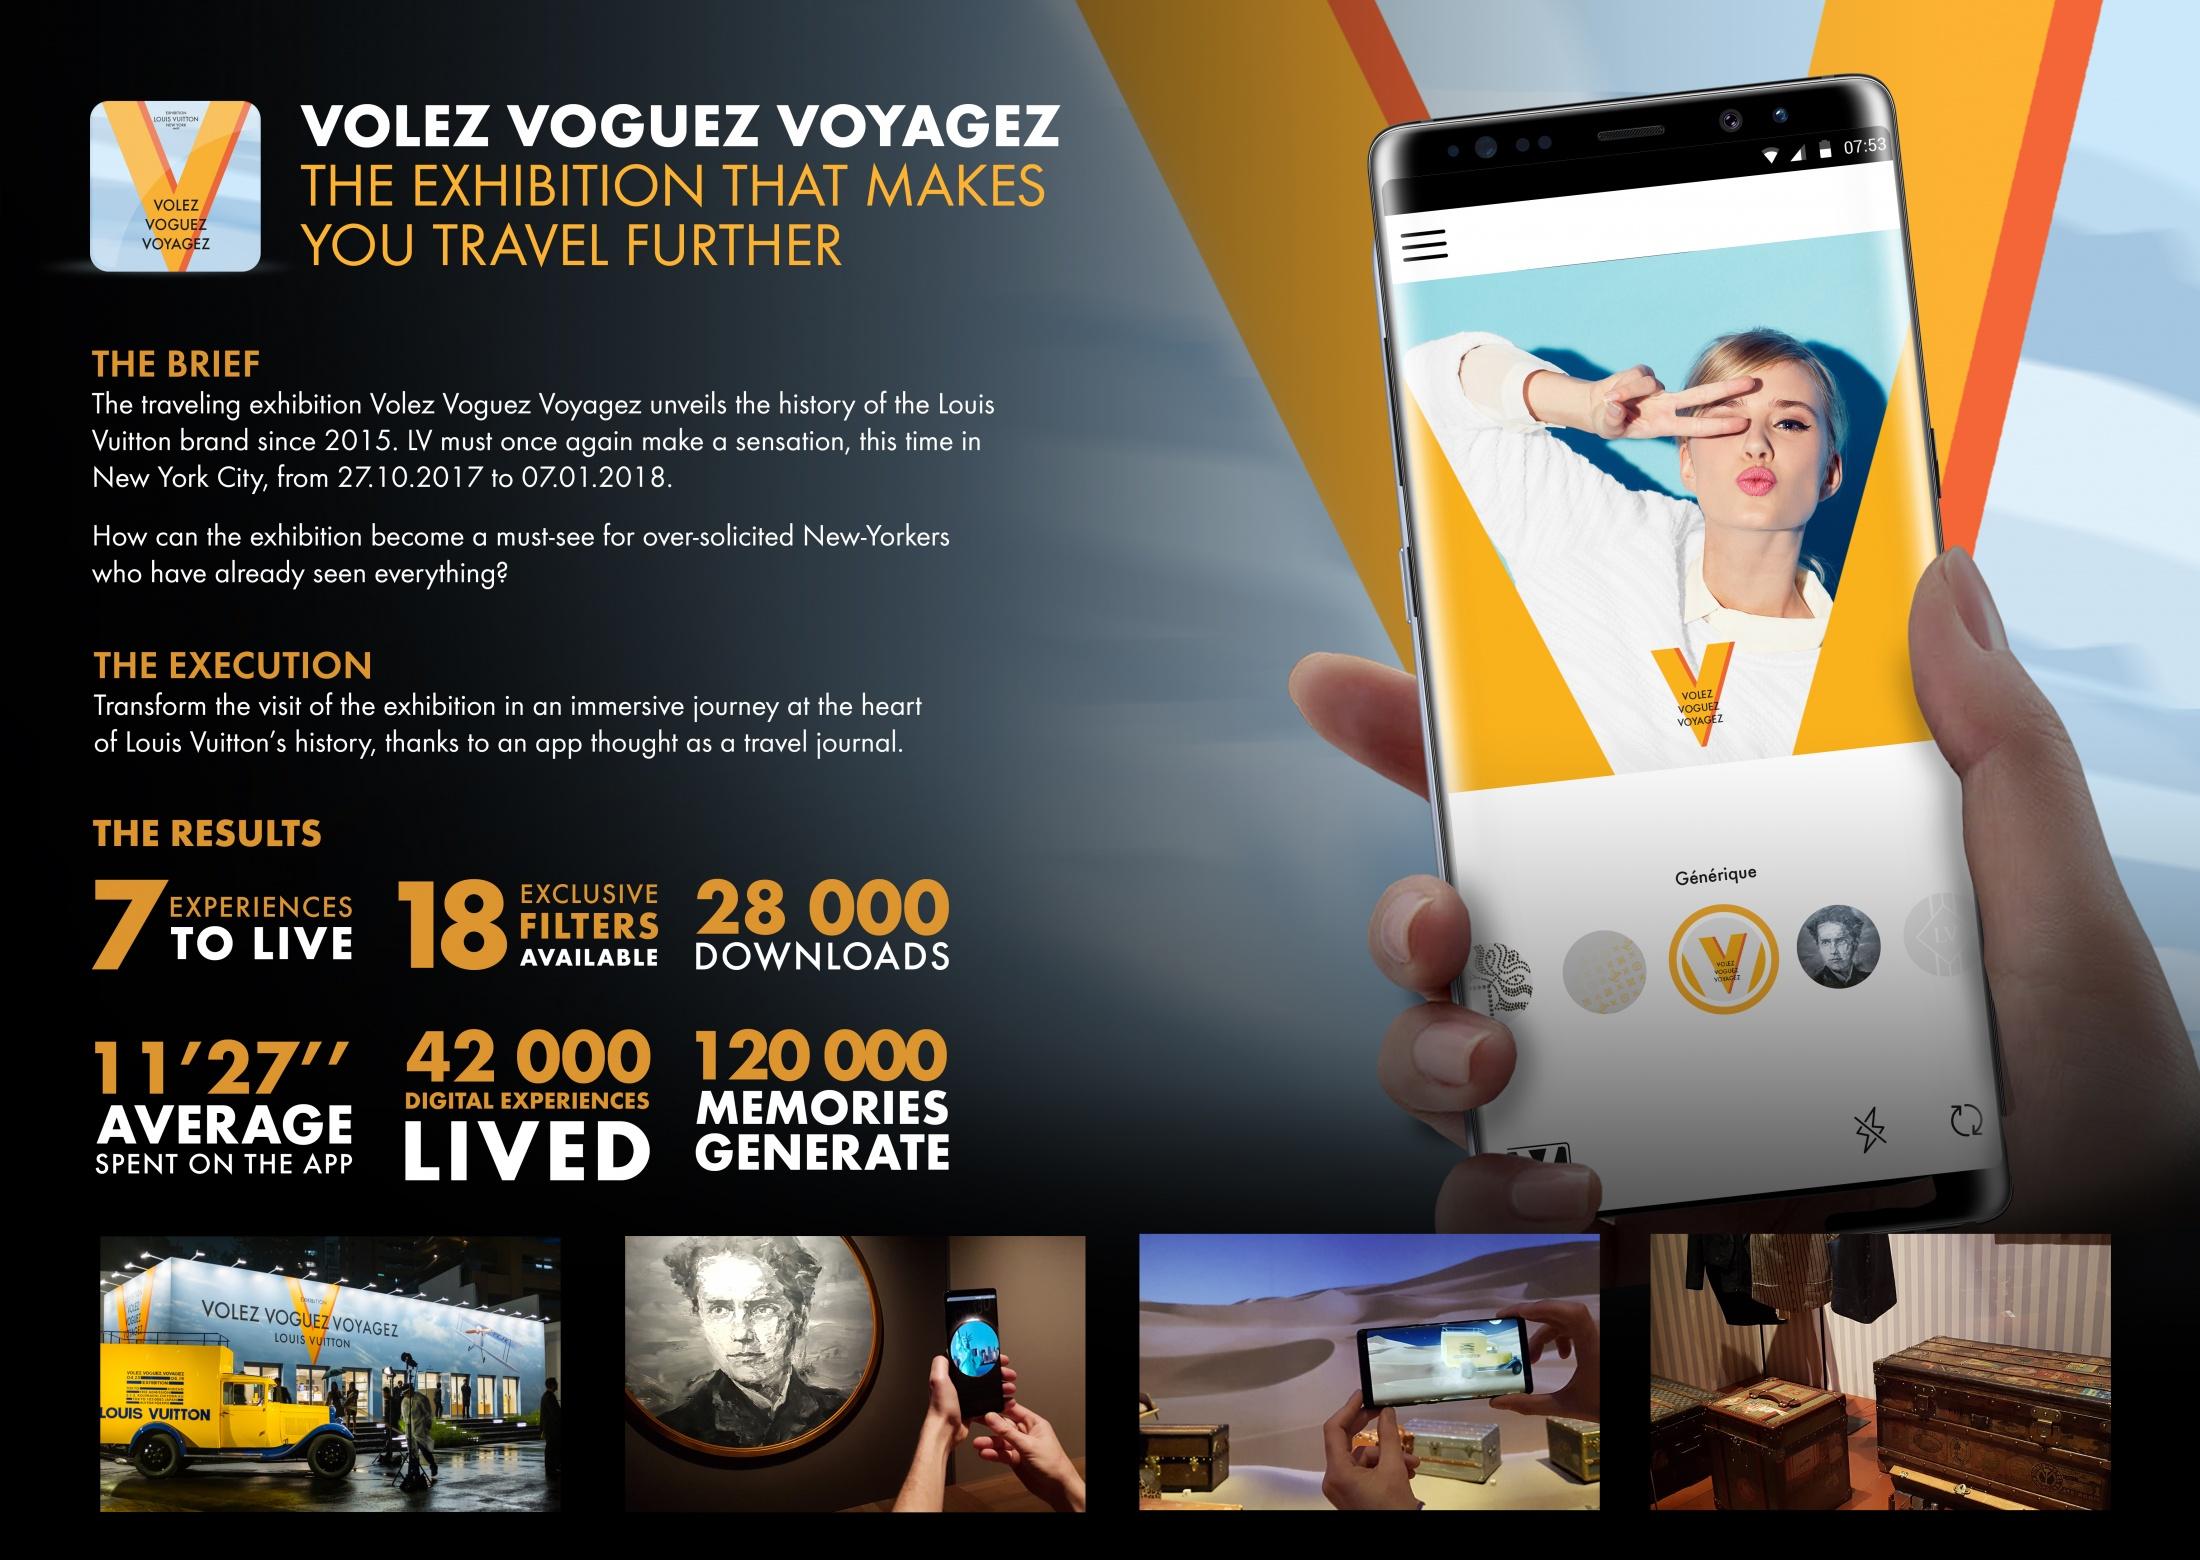 Thumbnail for Volez Voguez Voyagez NYC Application